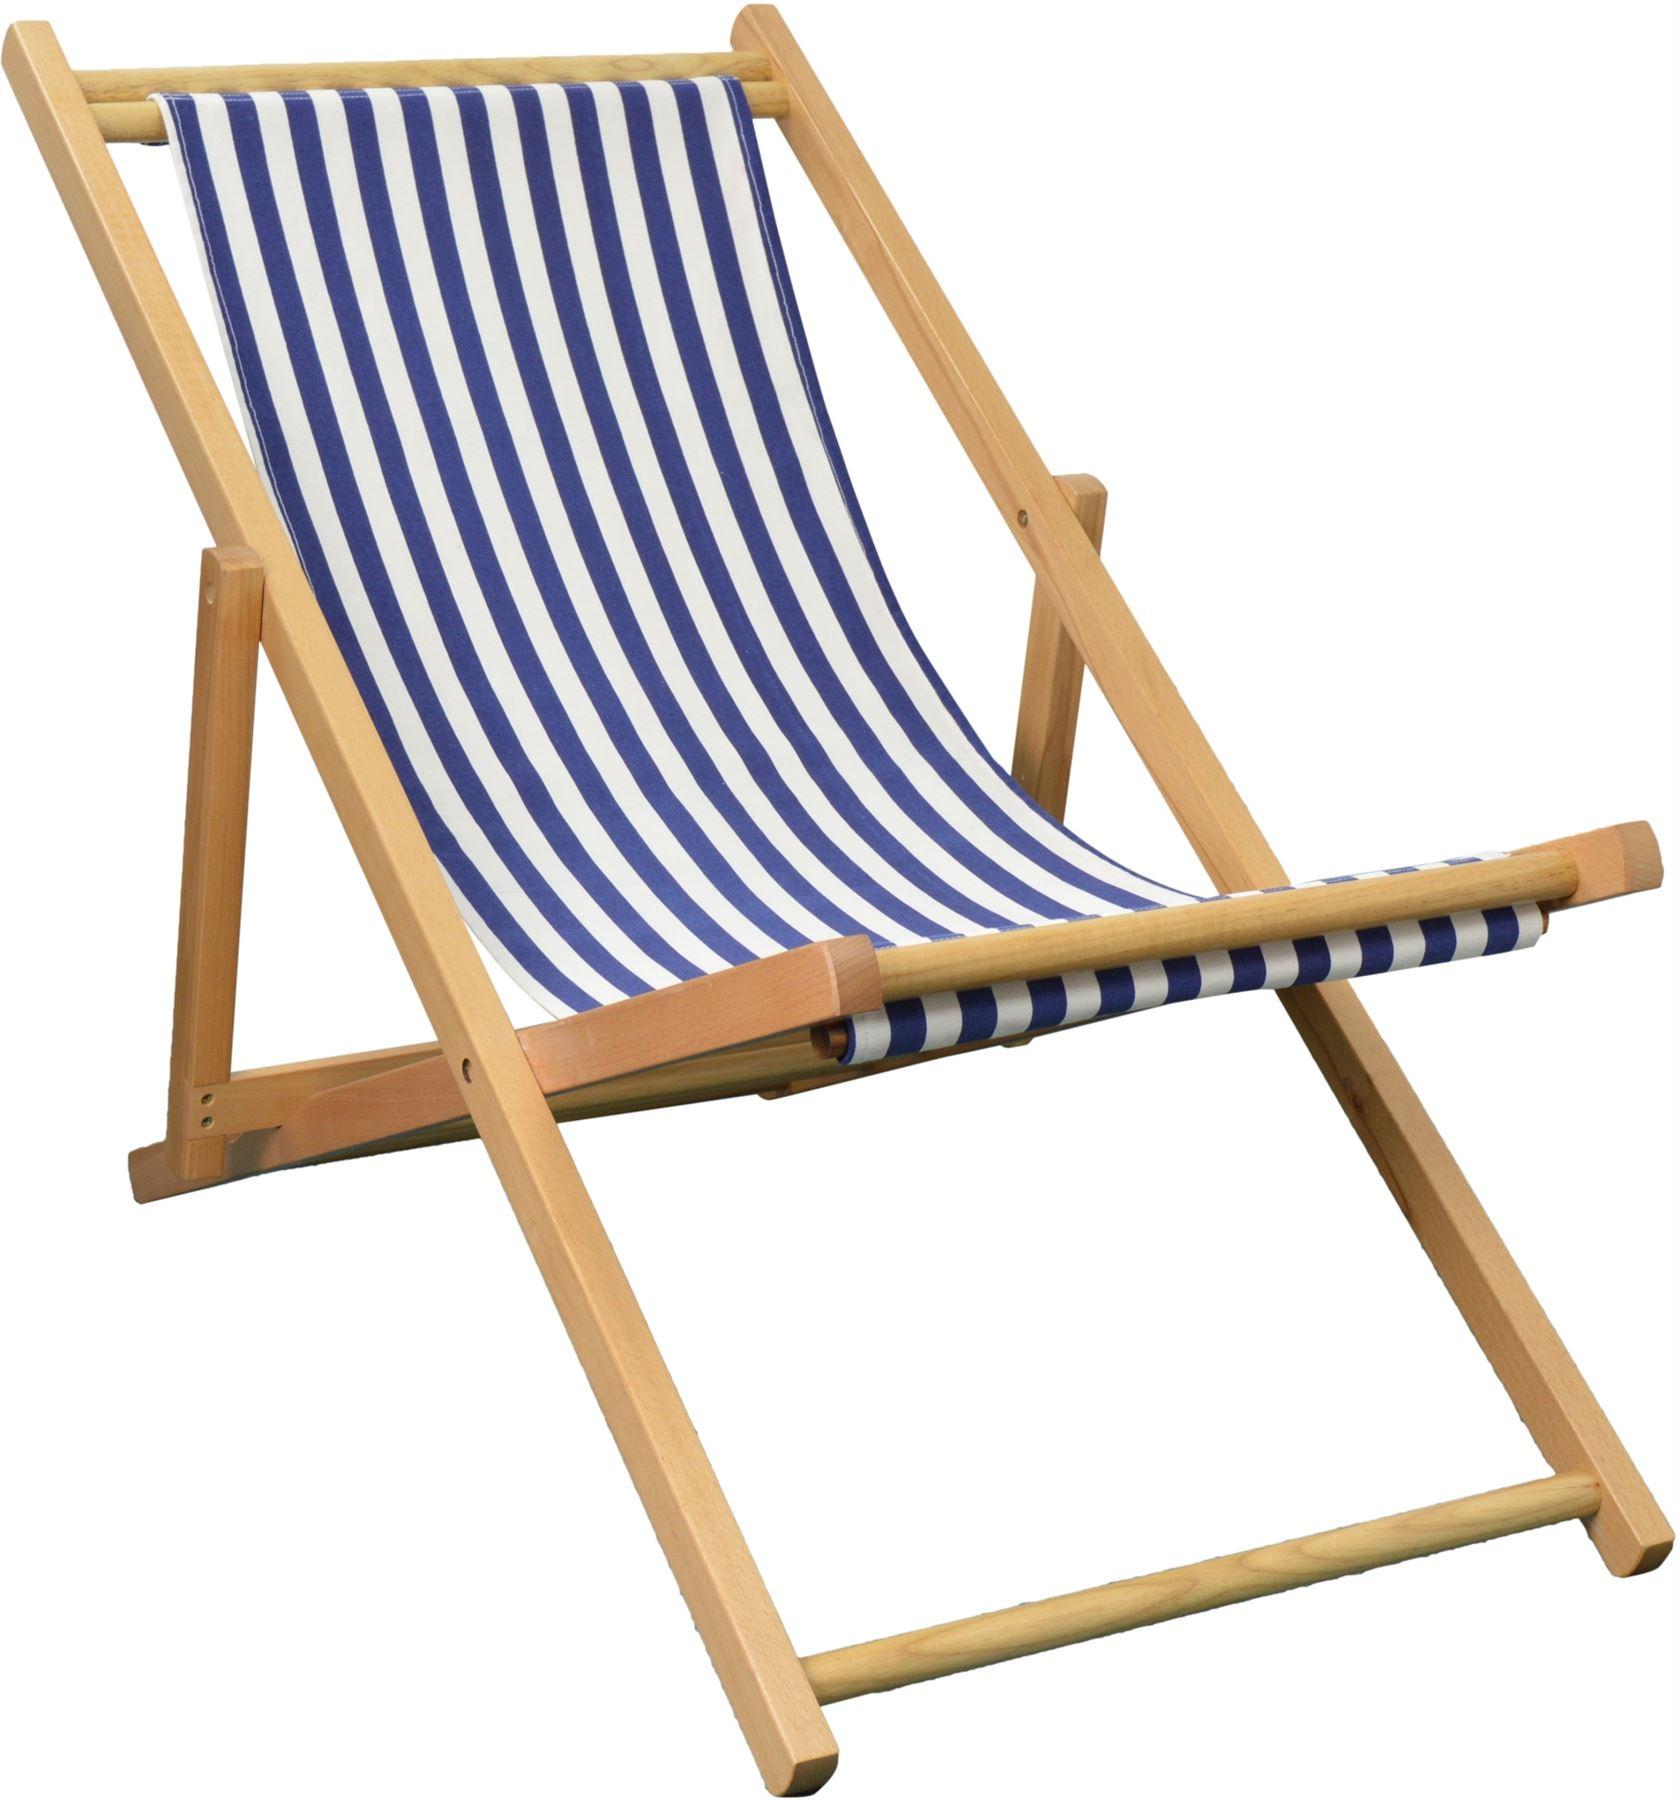 Folding Wooden Deckchair Garden Beach Seaside Deck Chair